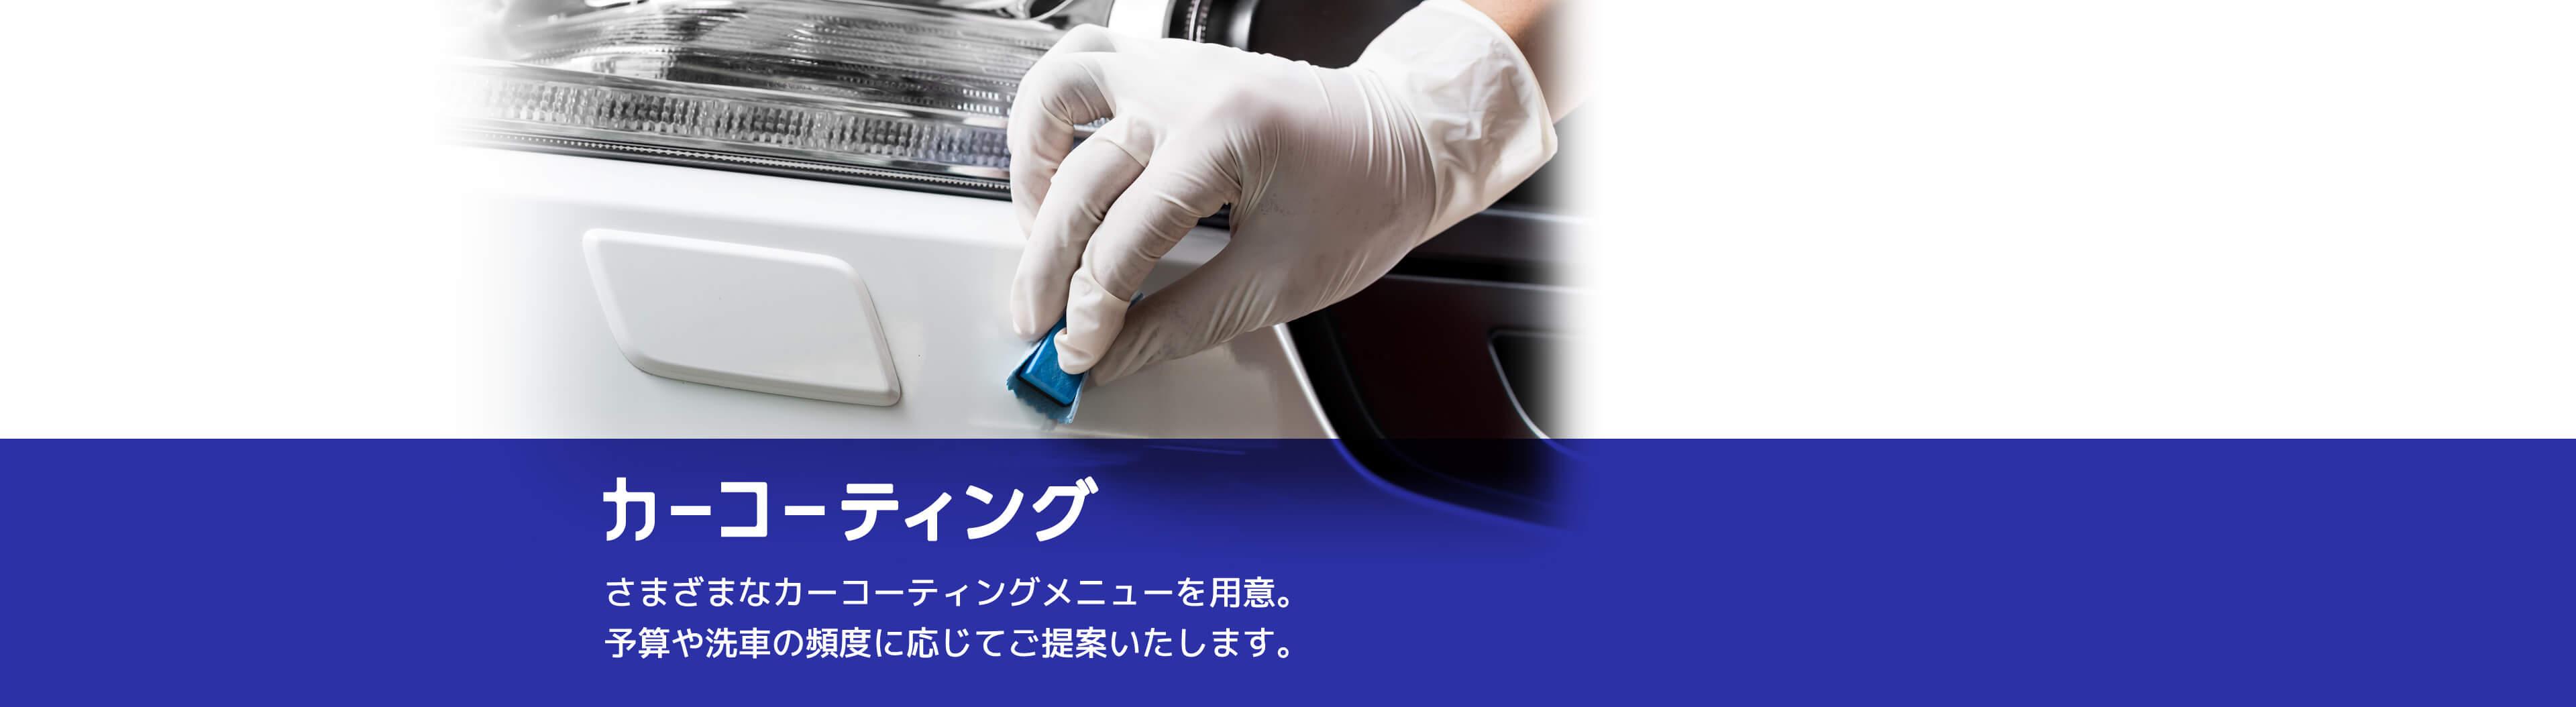 カーコーティング さまざまなカーコーティングメニューを用意。予算や洗車の頻度に応じてご提案いたします。